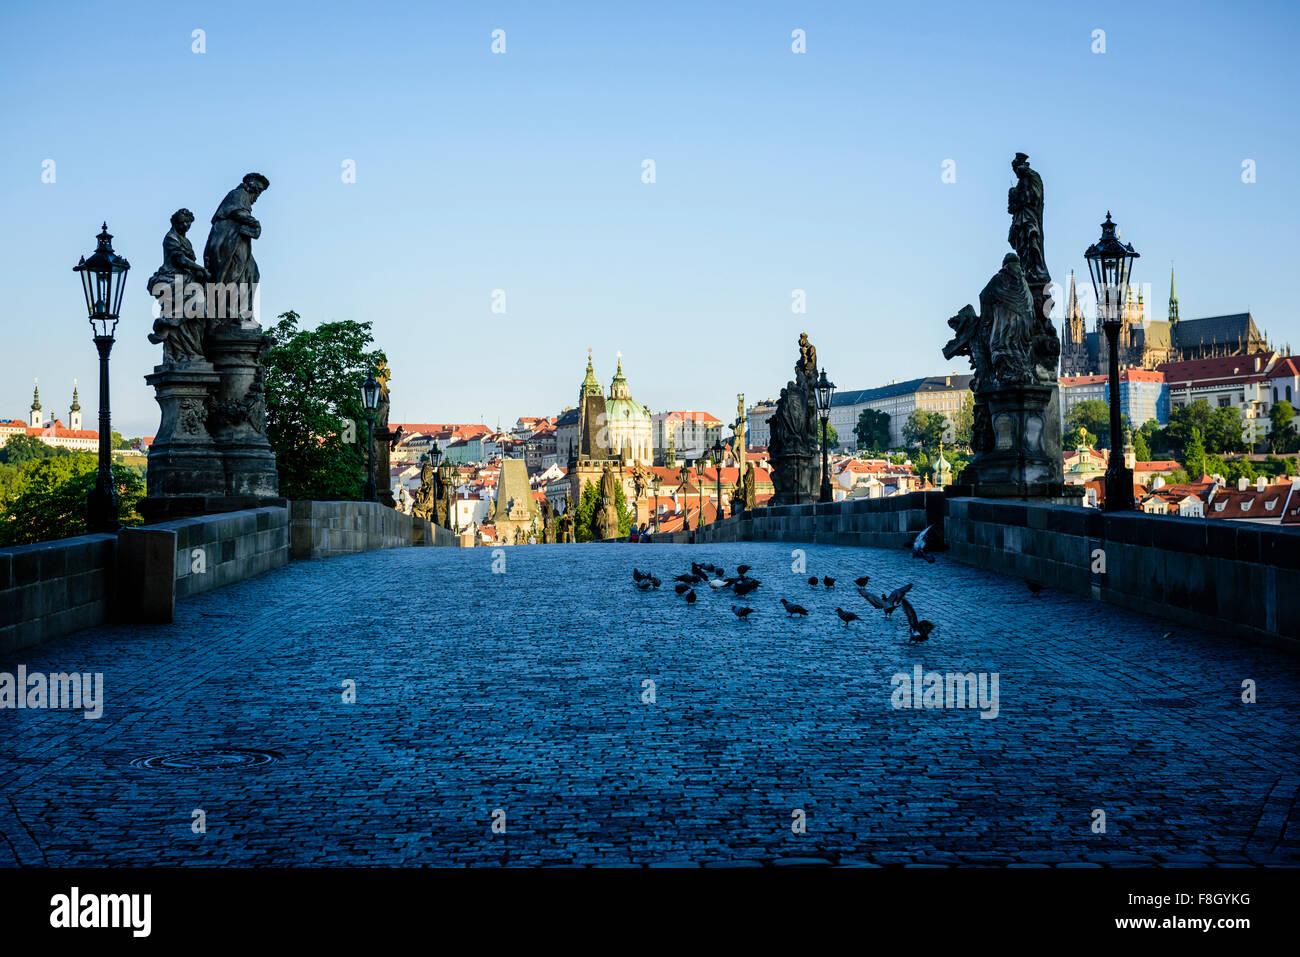 Palomas en ruta de ladrillo en el paisaje urbano de Praga, República Checa Imagen De Stock